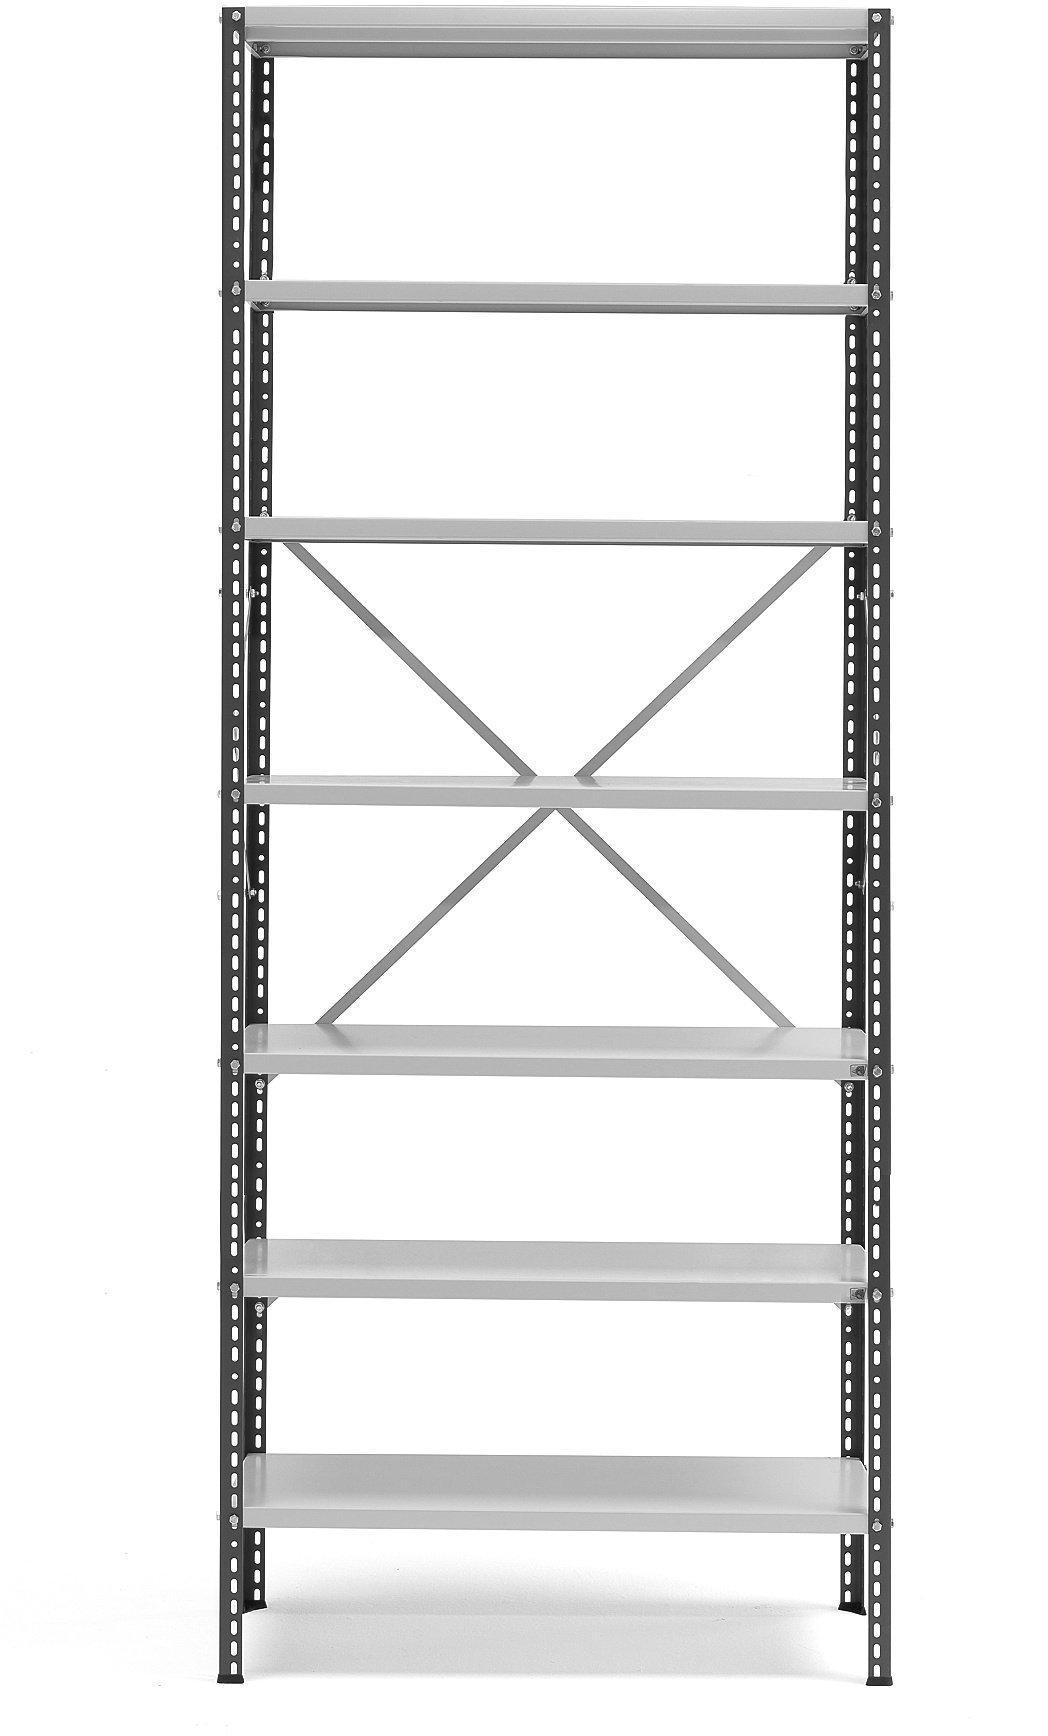 Policový kovový regál Power, základná sekcia, 2500x1010x400 mm, tmavo šedý